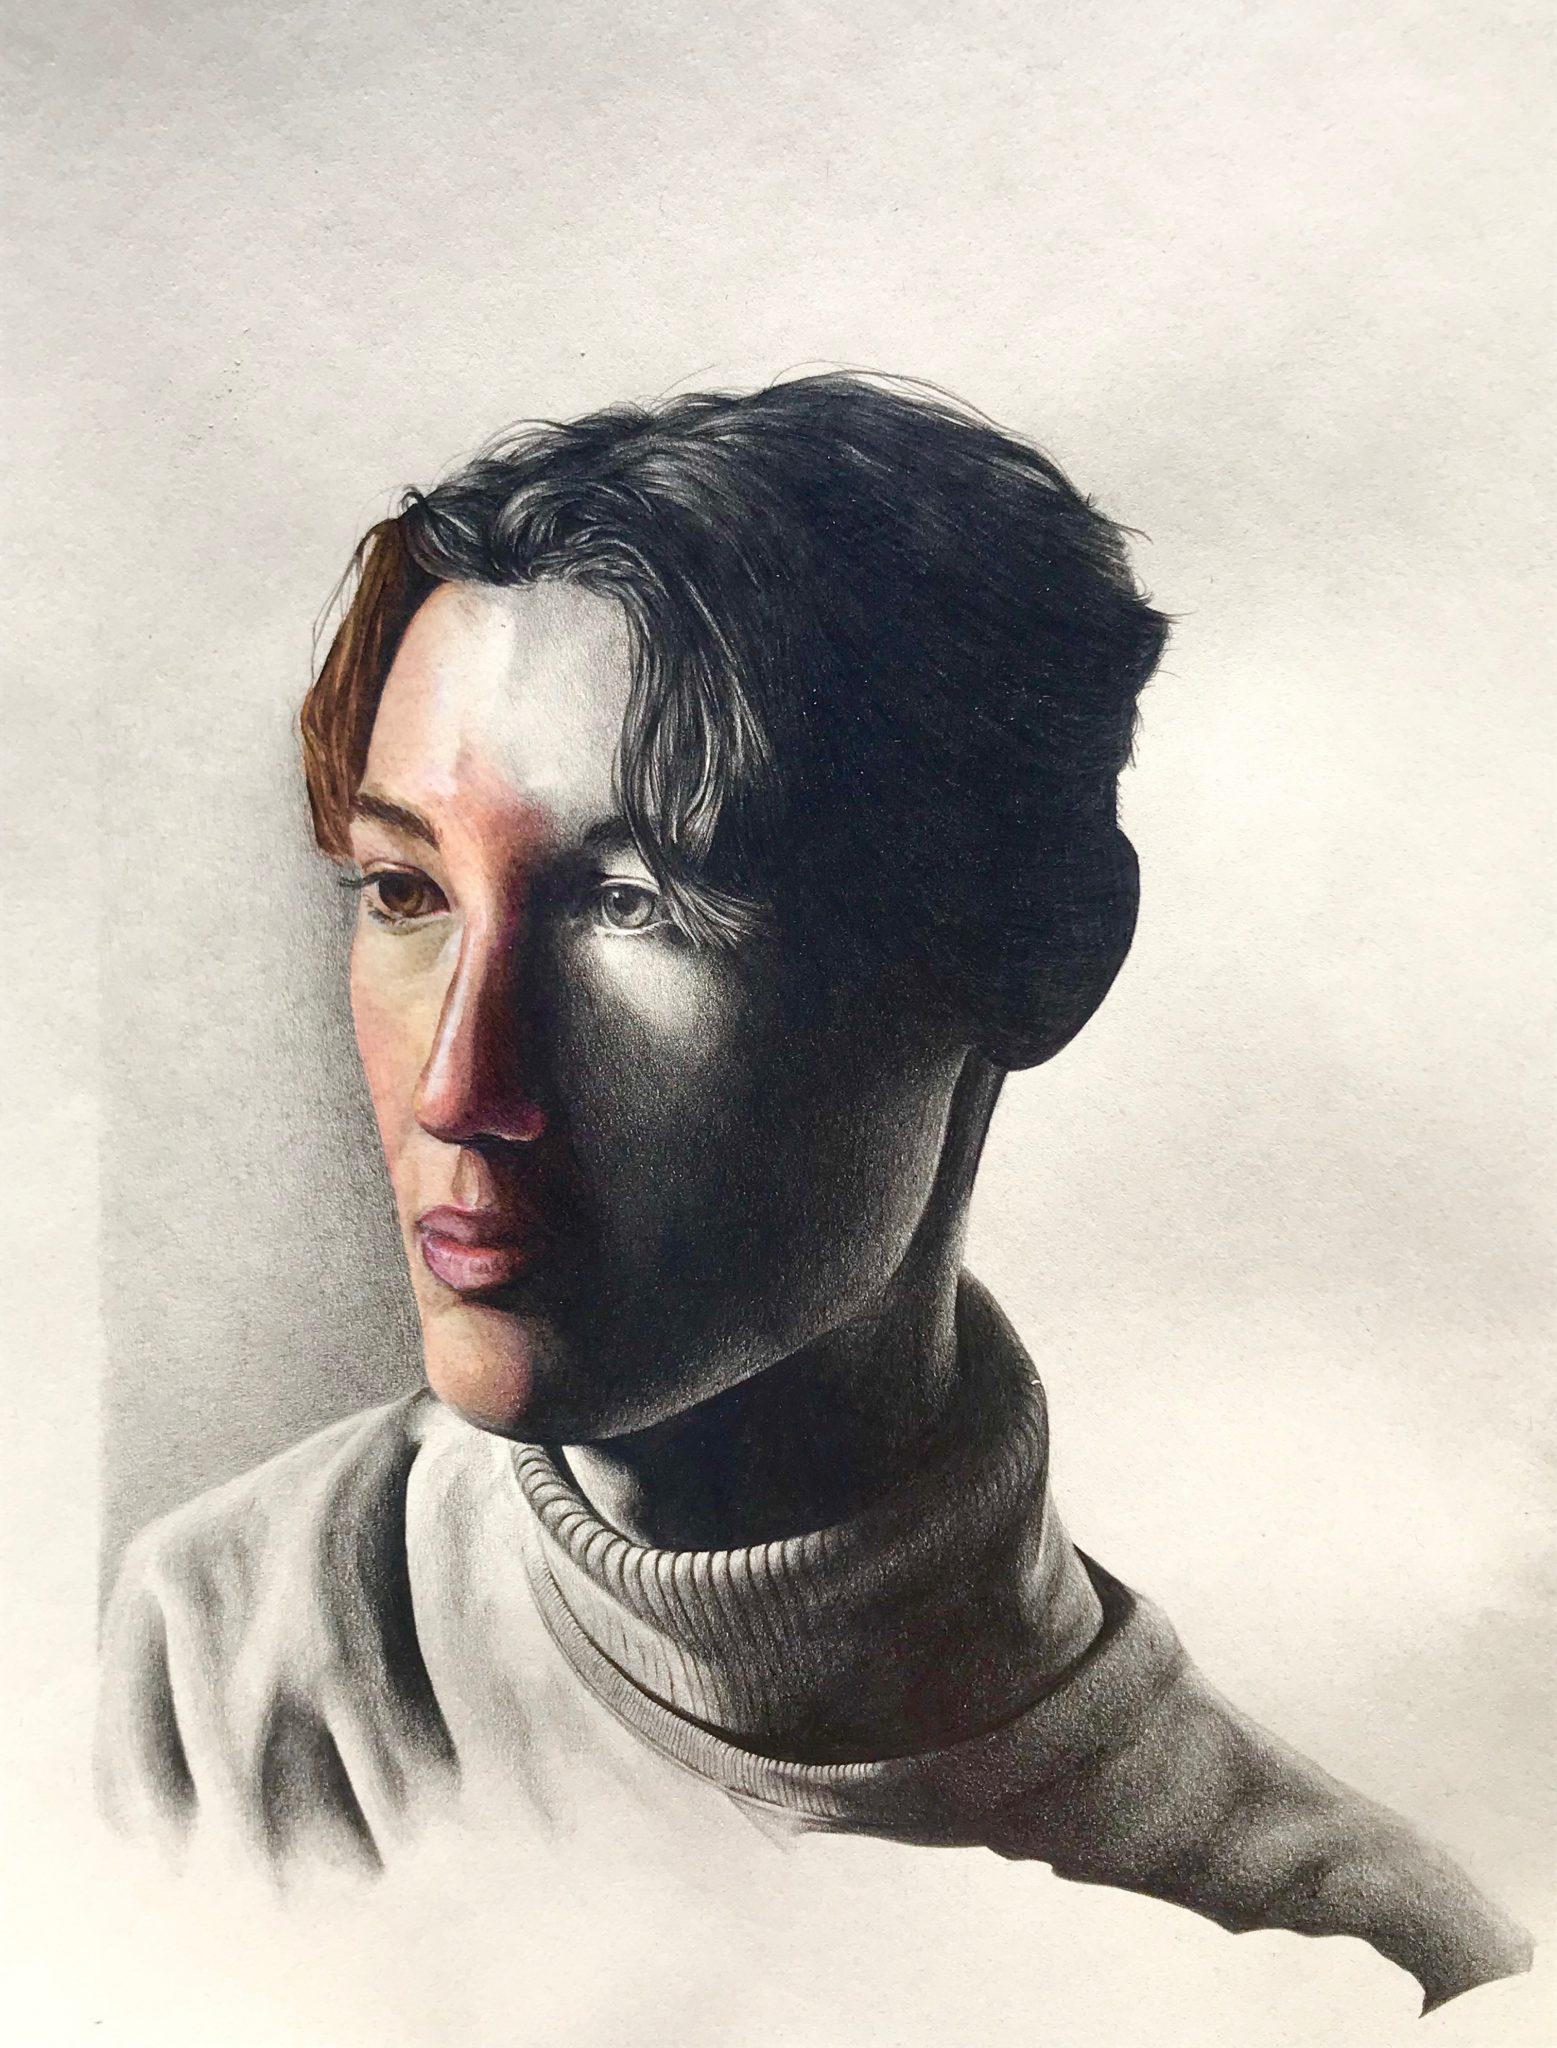 Intern by Arley Sakai